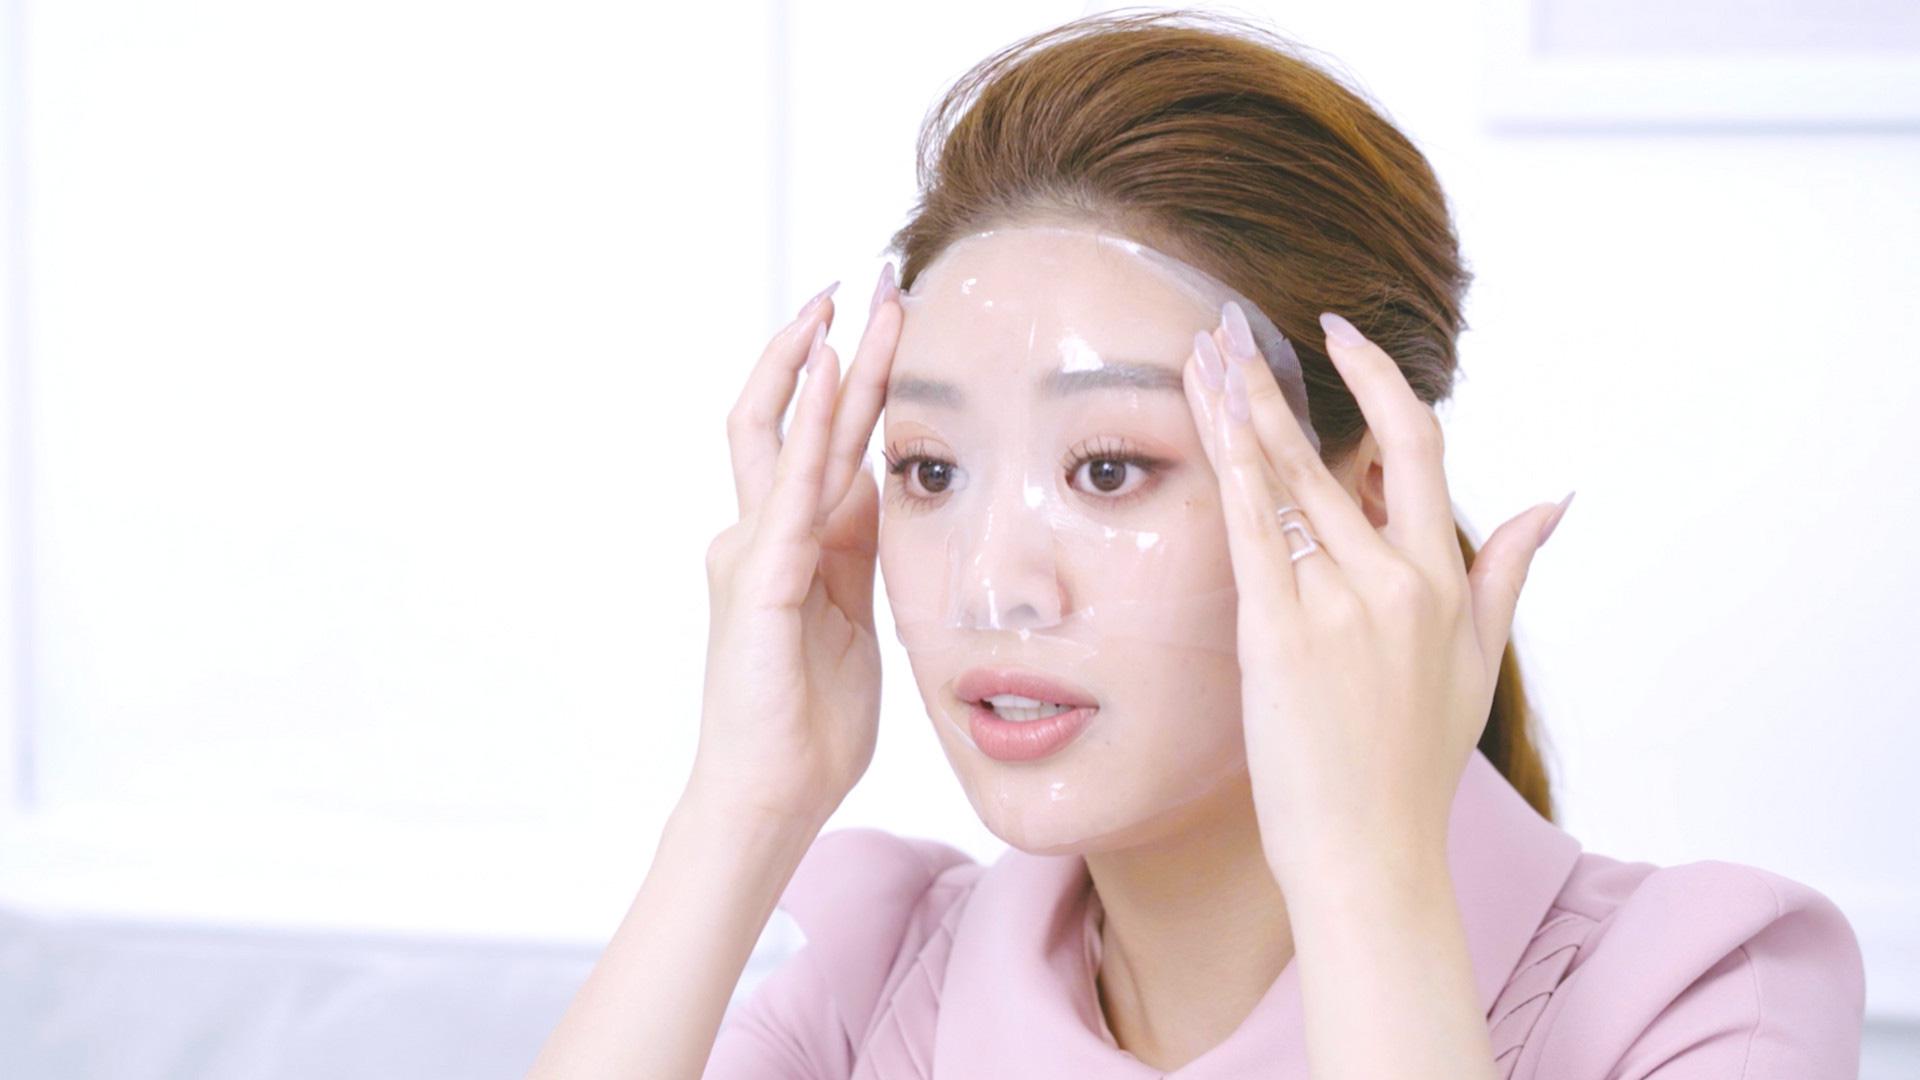 Hoa hậu Khánh Vân chuộng tẩy trang, mặt nạ thạch Celderma do Song Ji Hyo đại diện - Ảnh 3.